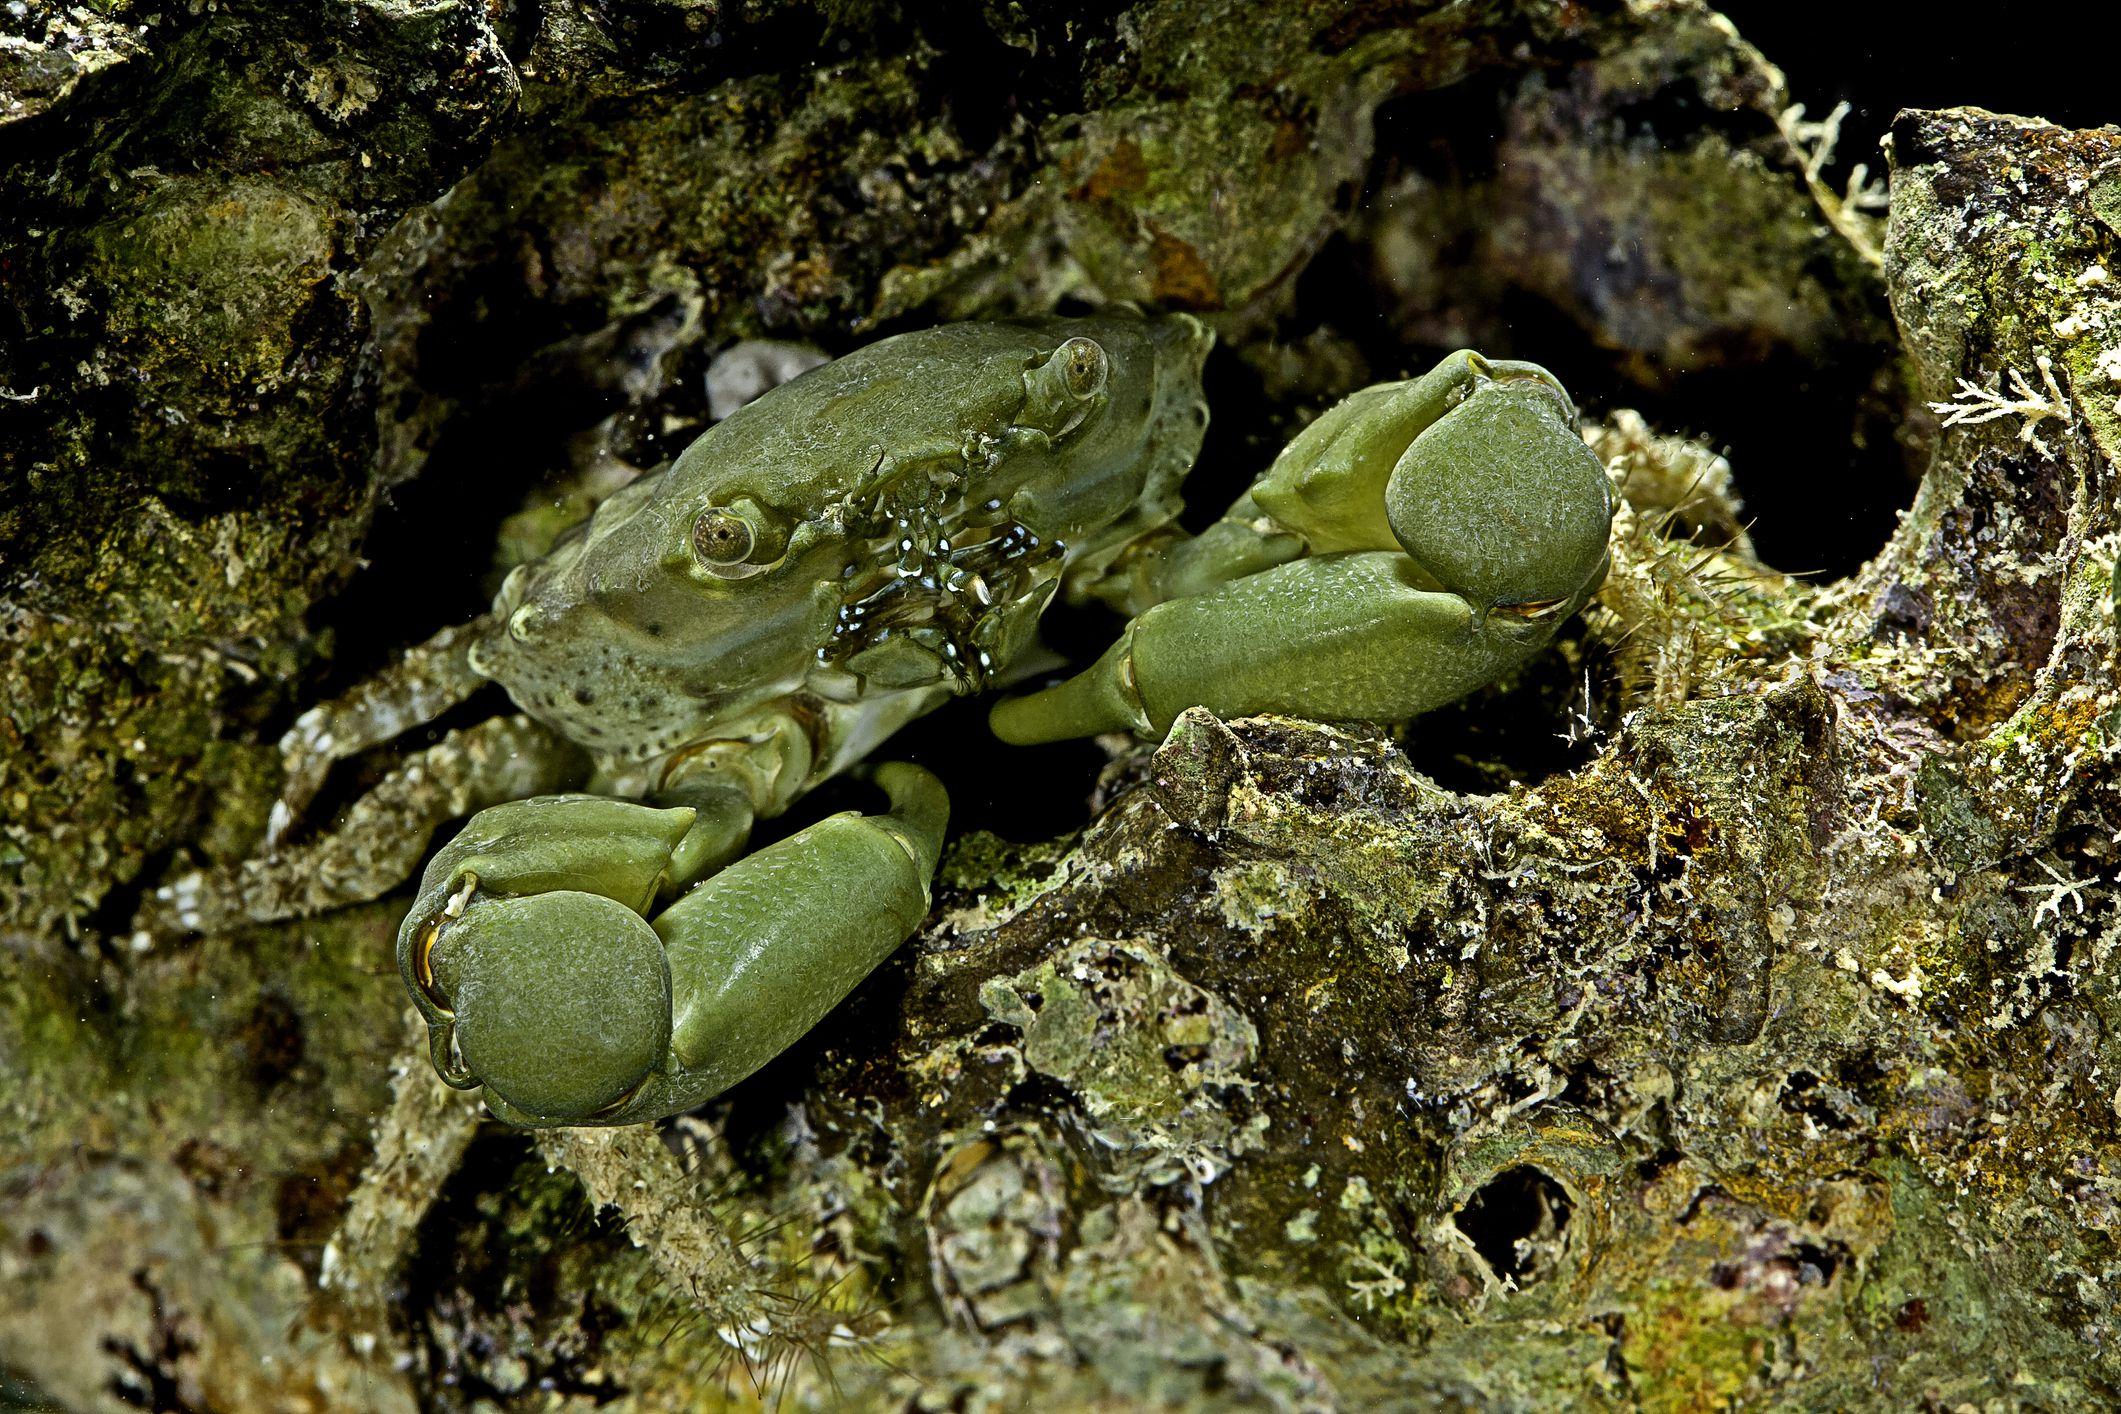 Mithraculus escultus (cangrejo verde)